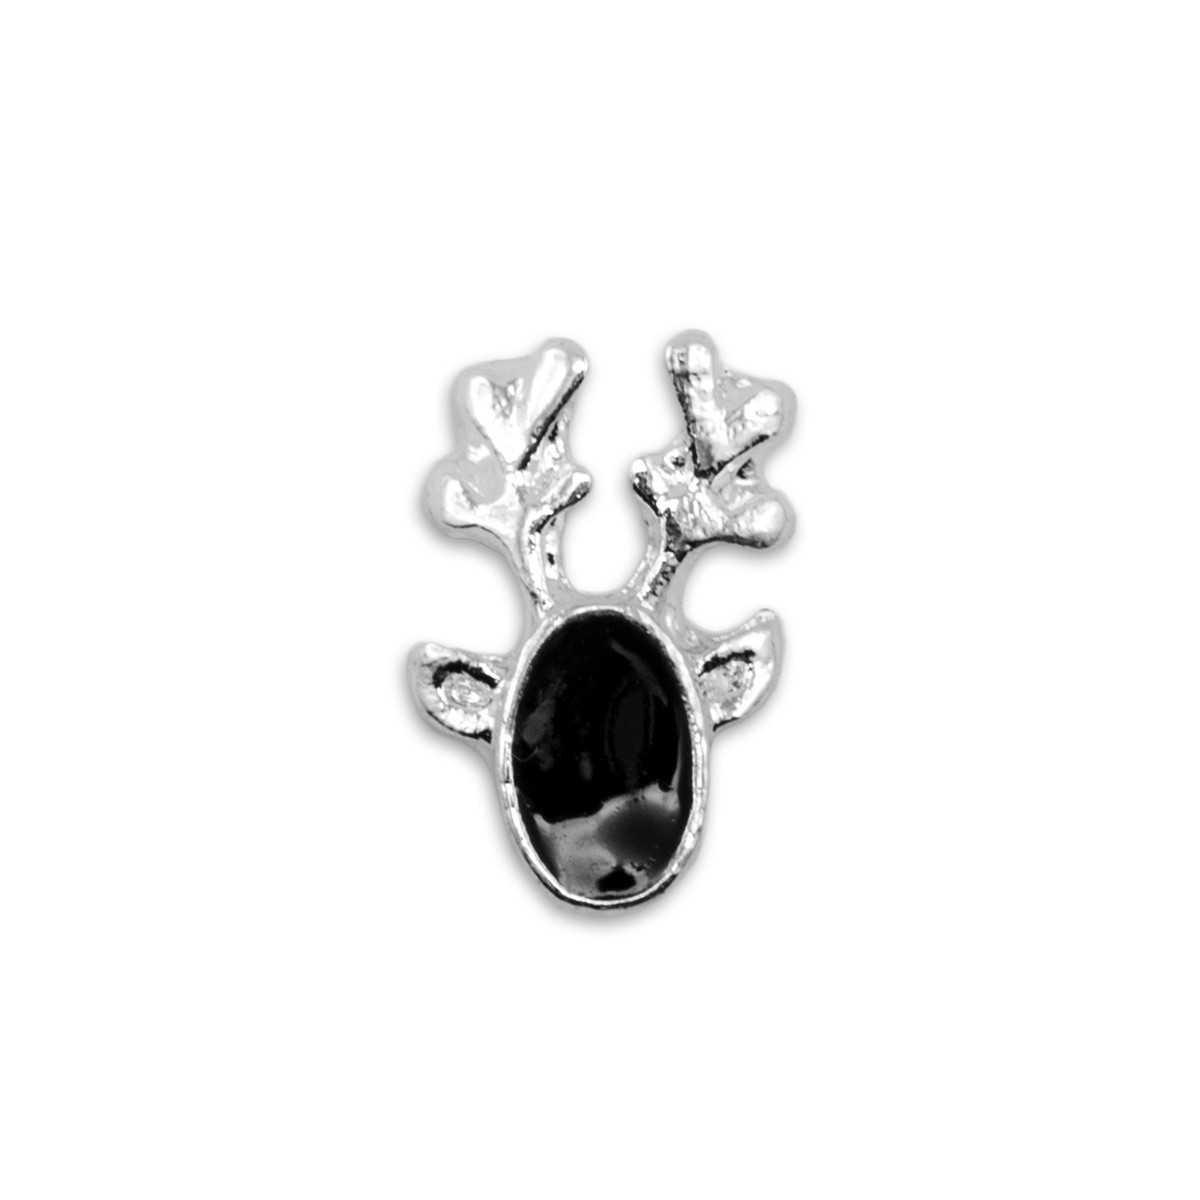 https://www.kit-manucure.com/1515-thickbox_default/bijoux-pour-ongles-tête-de-renne.jpg